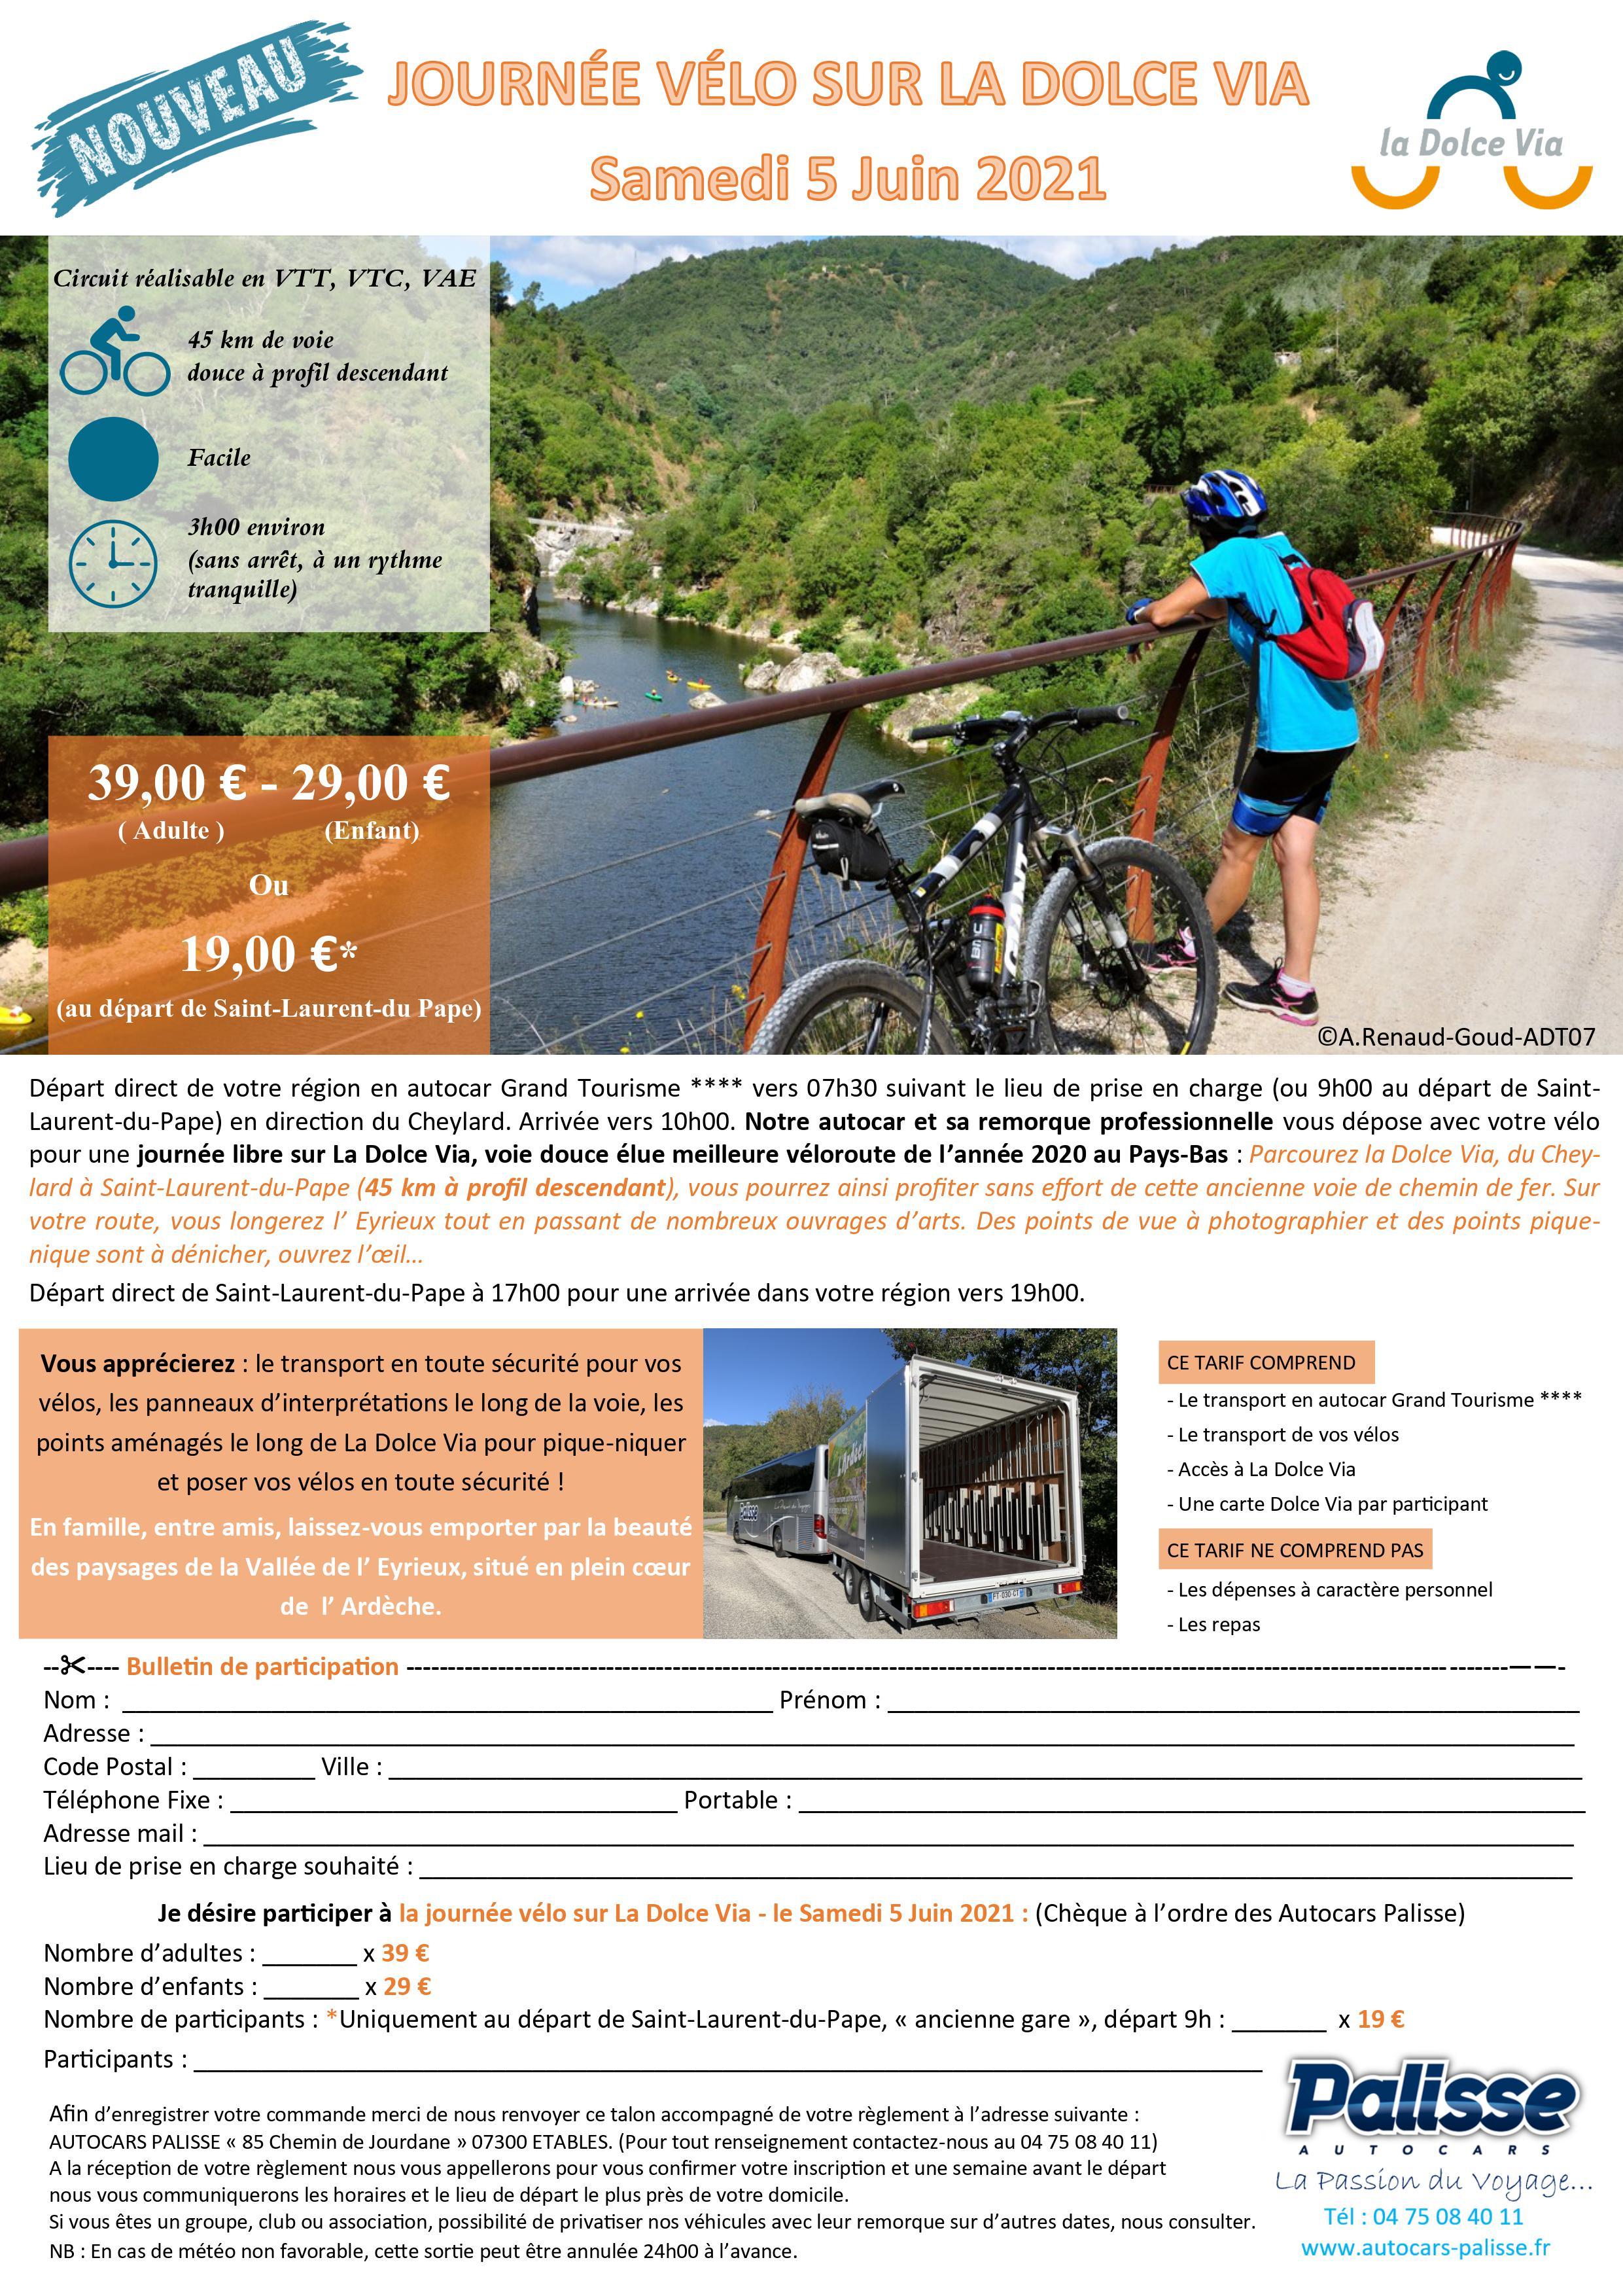 Journée vélo sur la Dolce Via